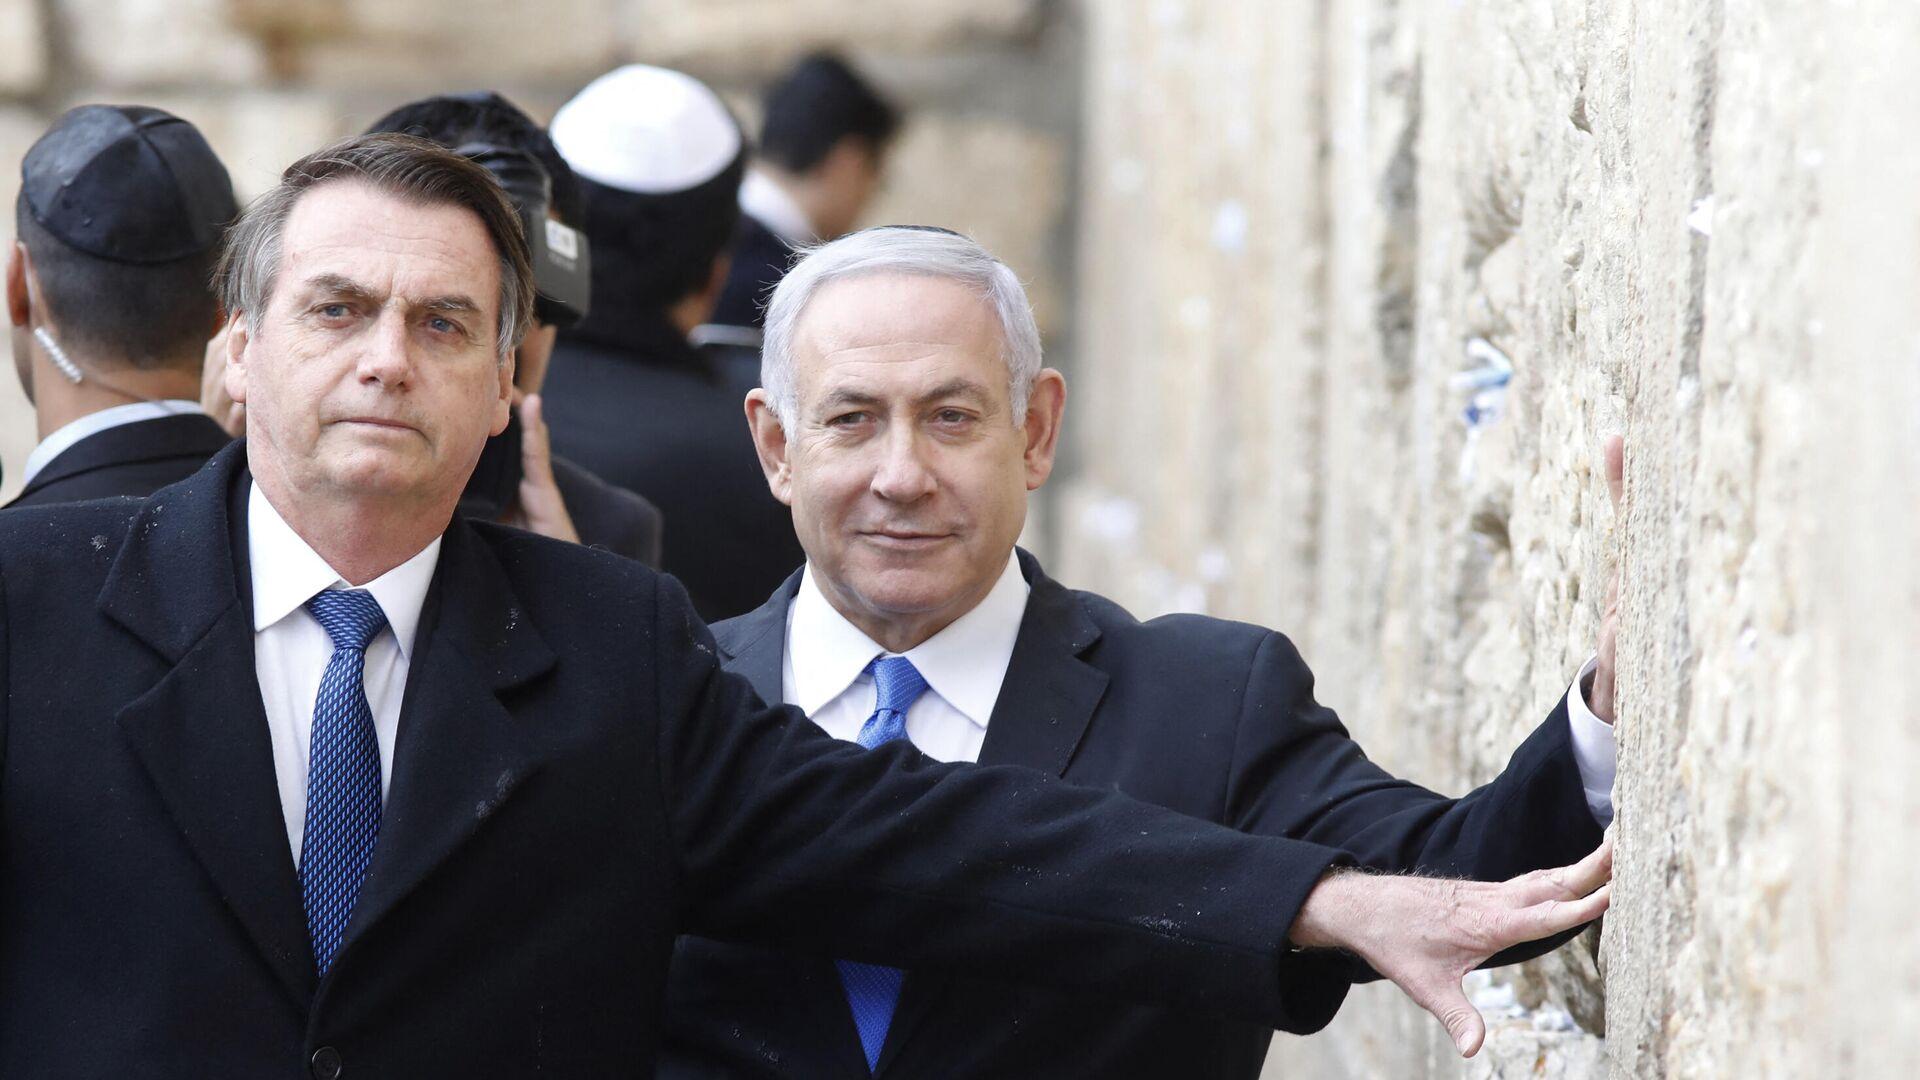 El presidente brasileño Jair Bolsonaro, junto al ex primer ministro de Israel, Benjamin Netanyahu - Sputnik Mundo, 1920, 14.06.2021